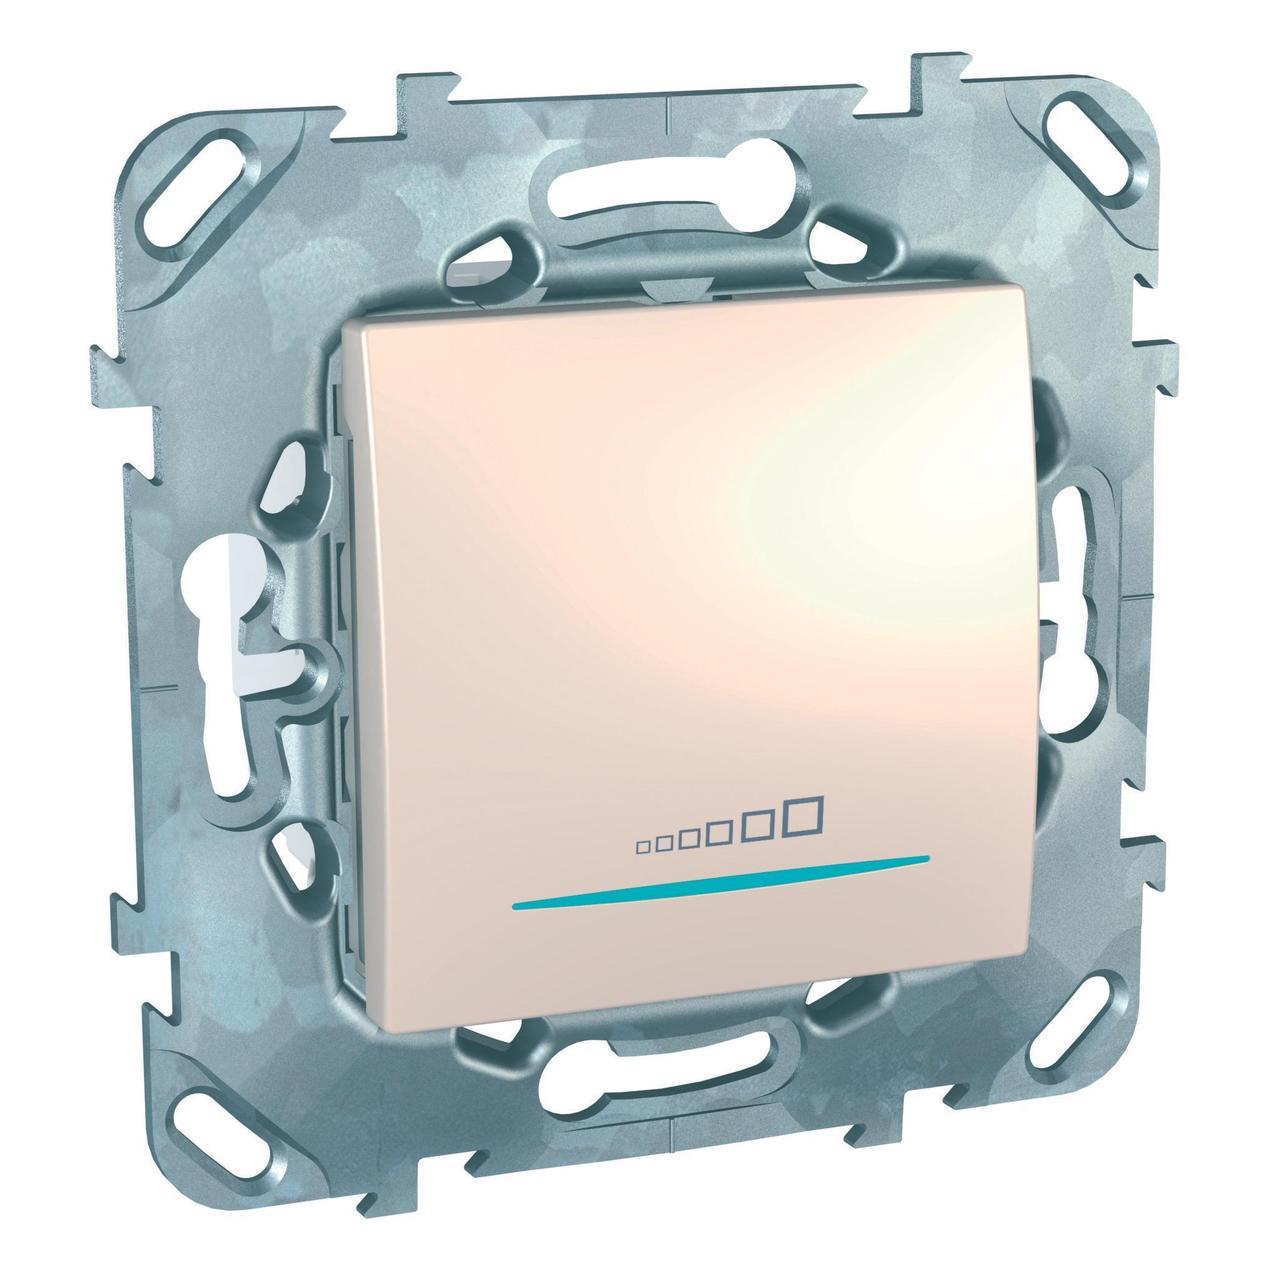 Диммер нажимной (кнопочный) 400Вт для л/н и эл.трансф. , Бежевый, серия Unica, Schneider Electric